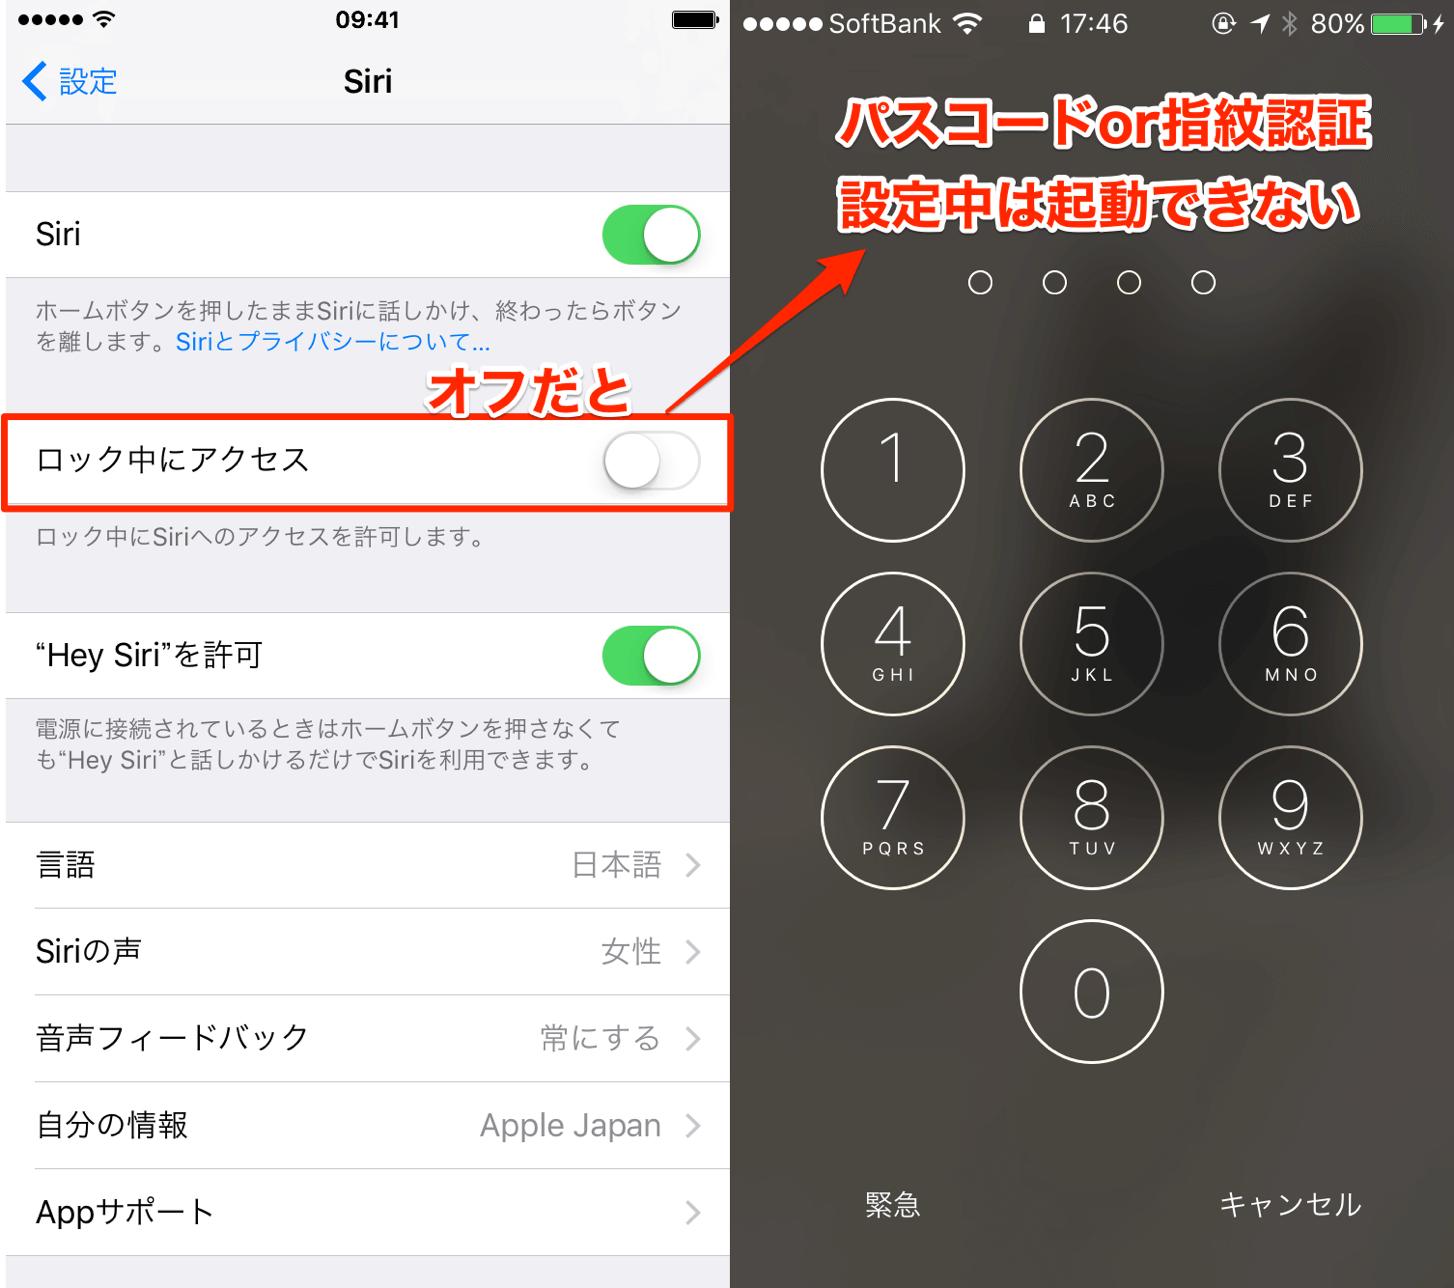 Siri-ロック画面の設定